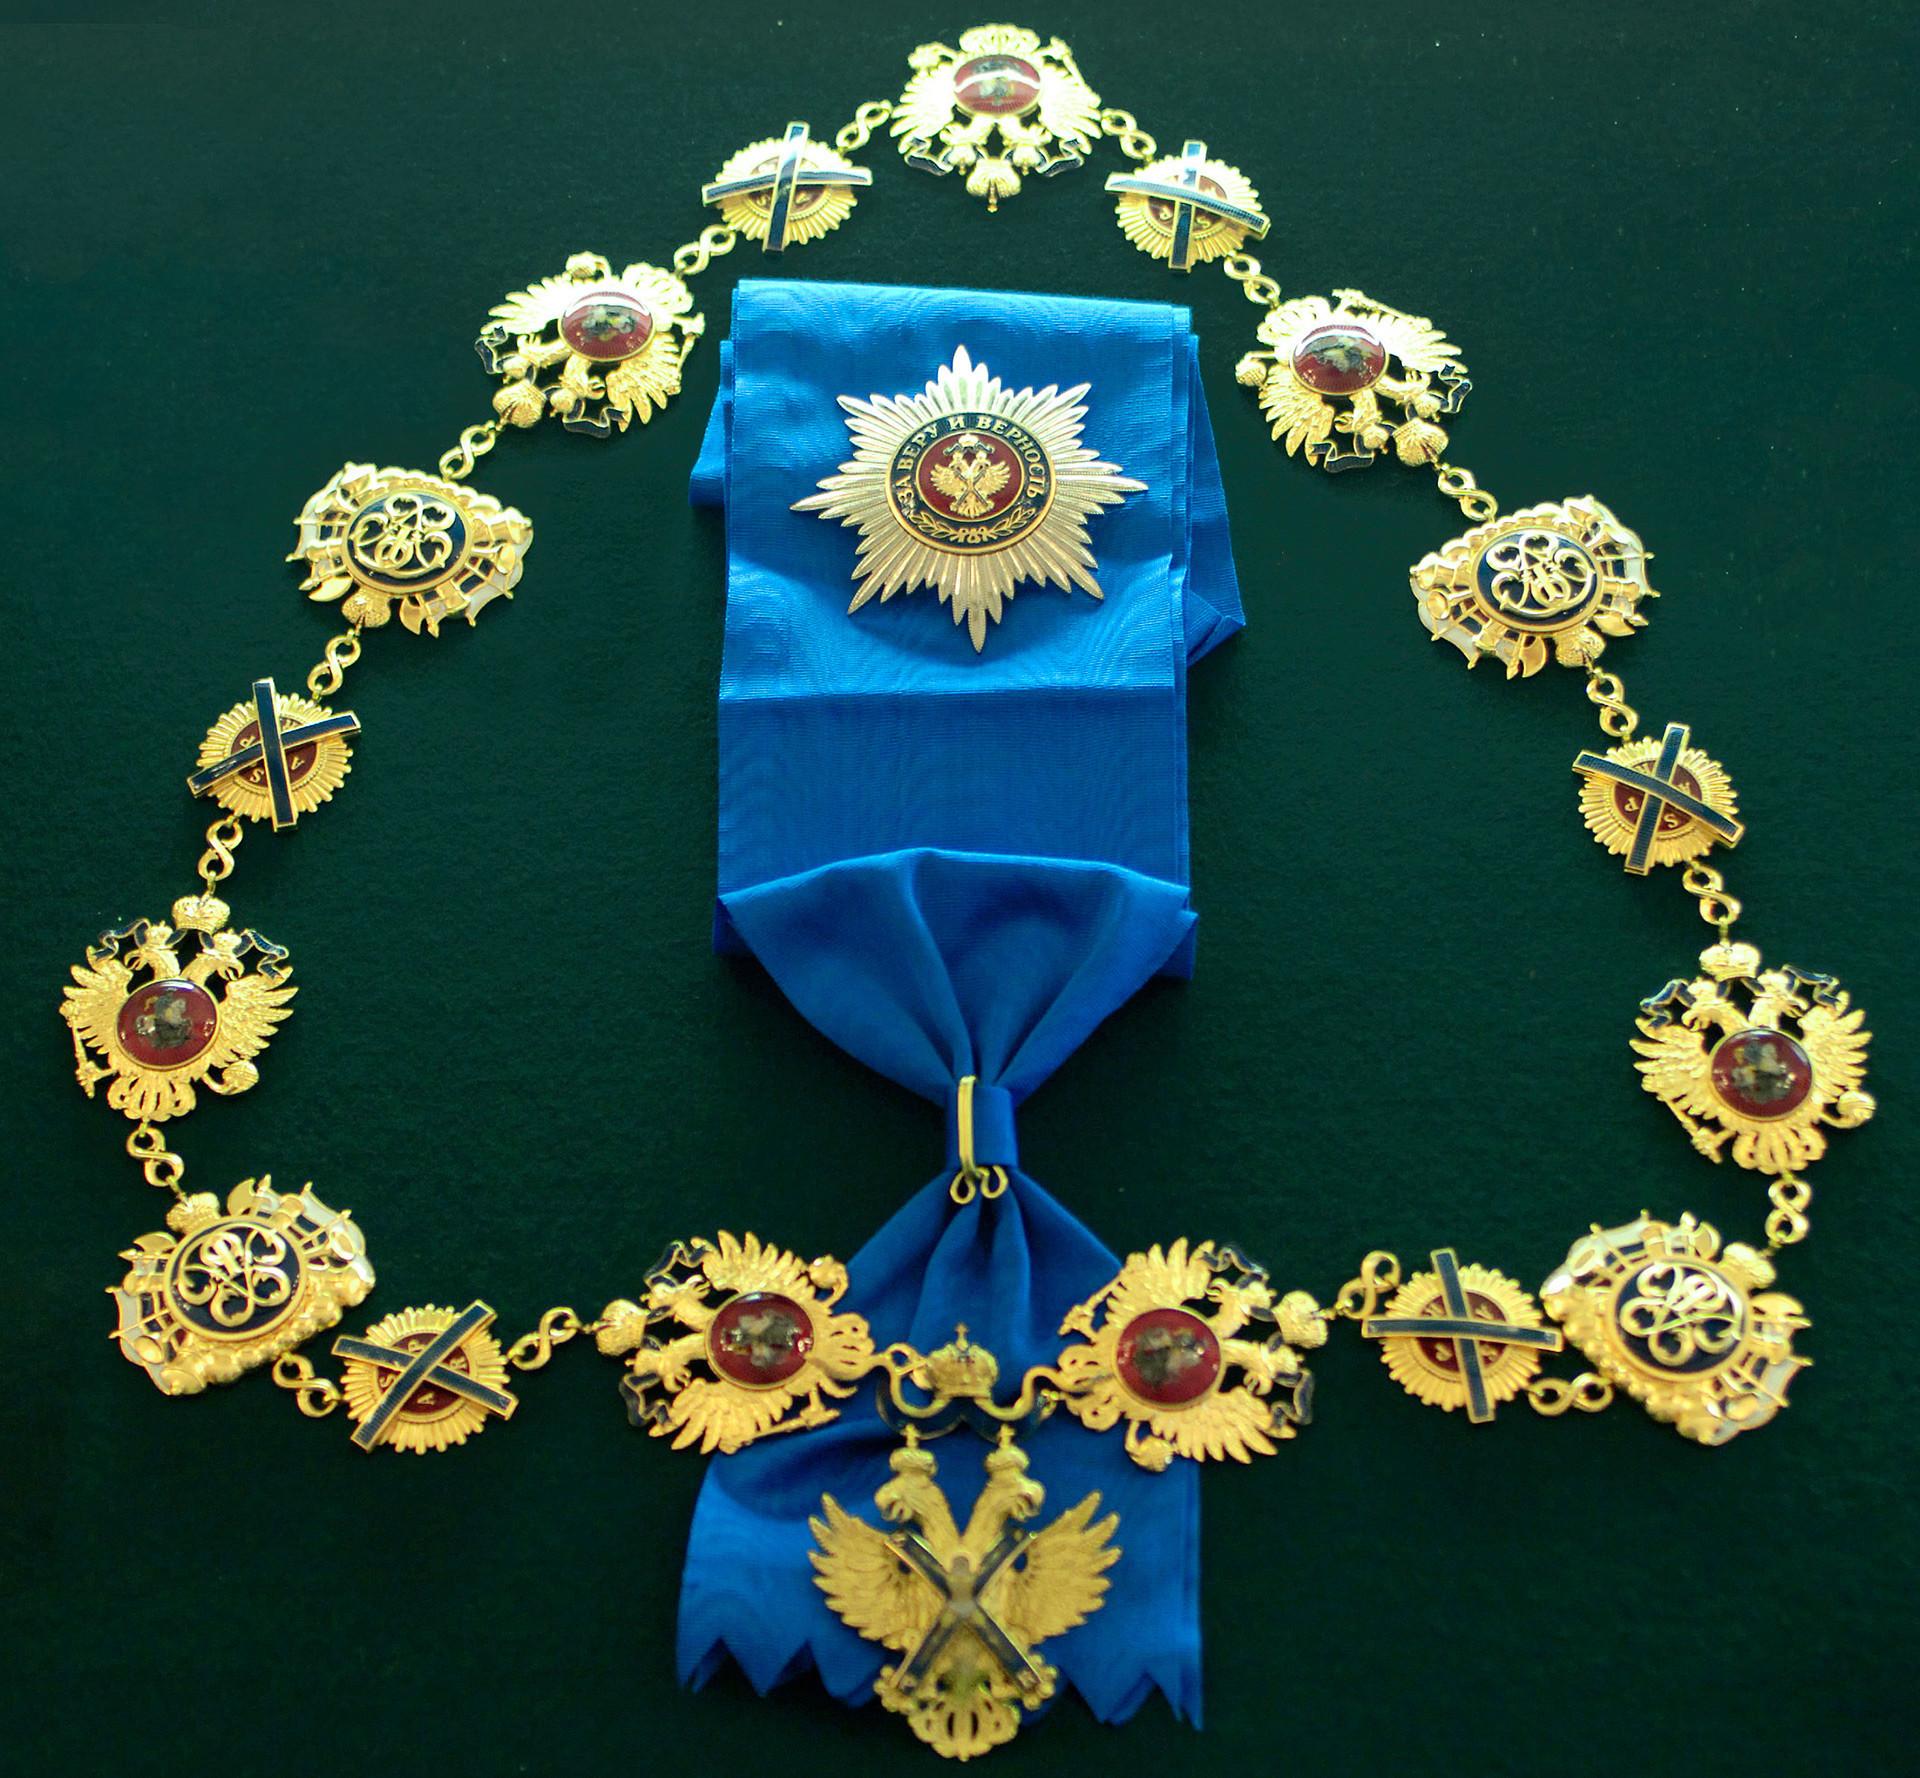 Red sv. apostola Andreja je bil nekoč najvišja državna nagrada v Rusiji